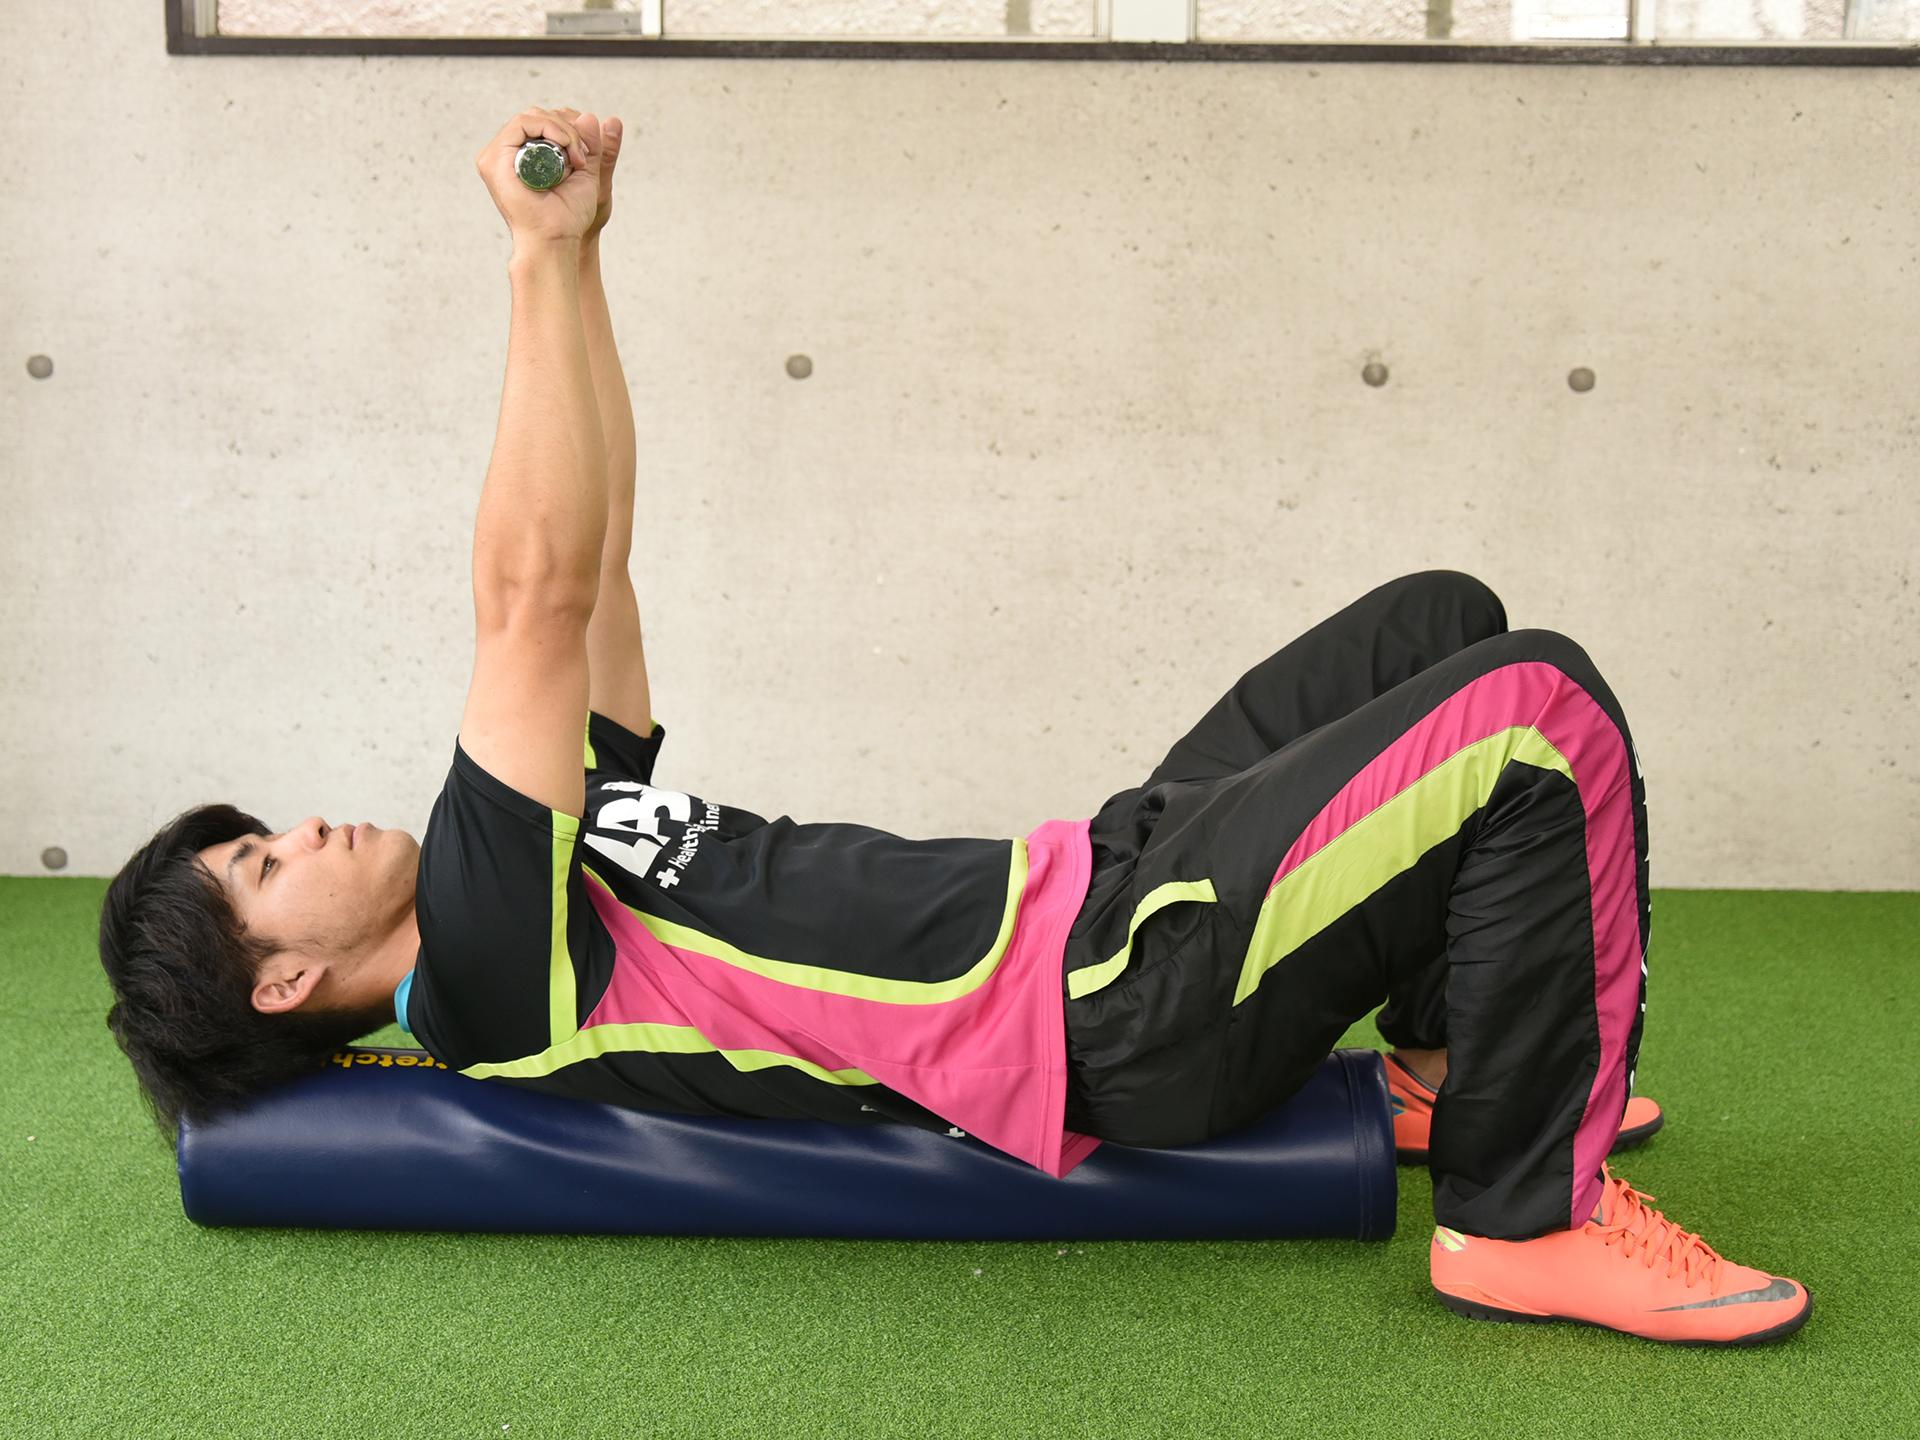 投球時に肩甲骨を安定させる前鋸筋の役割と2つのトレーニング方法